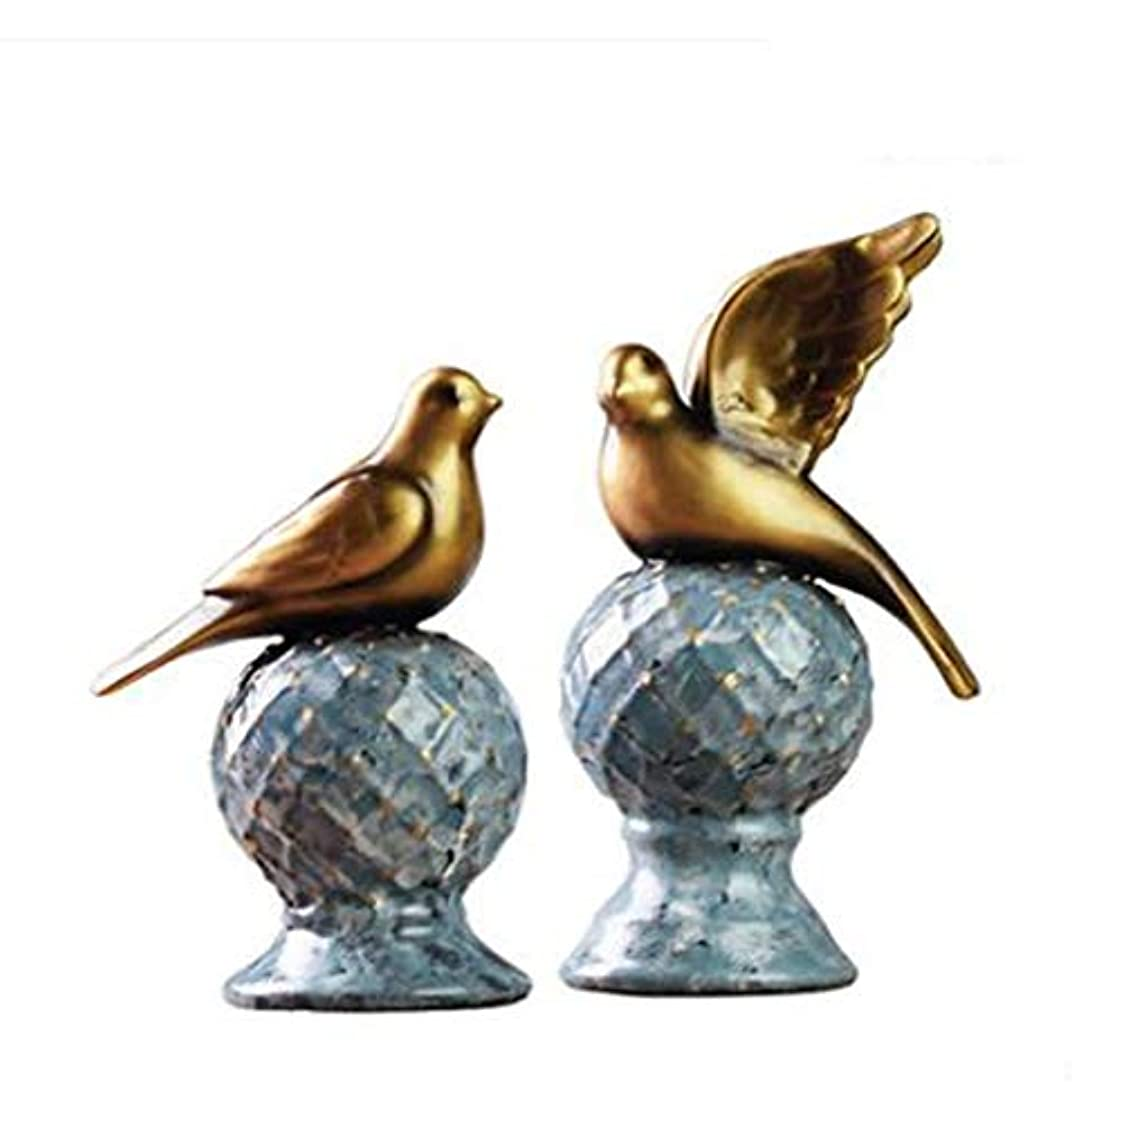 求めるの配列ピースKaiyitong01 装飾品、装飾品、現代ヨーロッパの居間、ポーチ、樹脂工芸品、アメリカのテレビキャビネット、鳥の陳列,絶妙なファッション (Color : Gold)